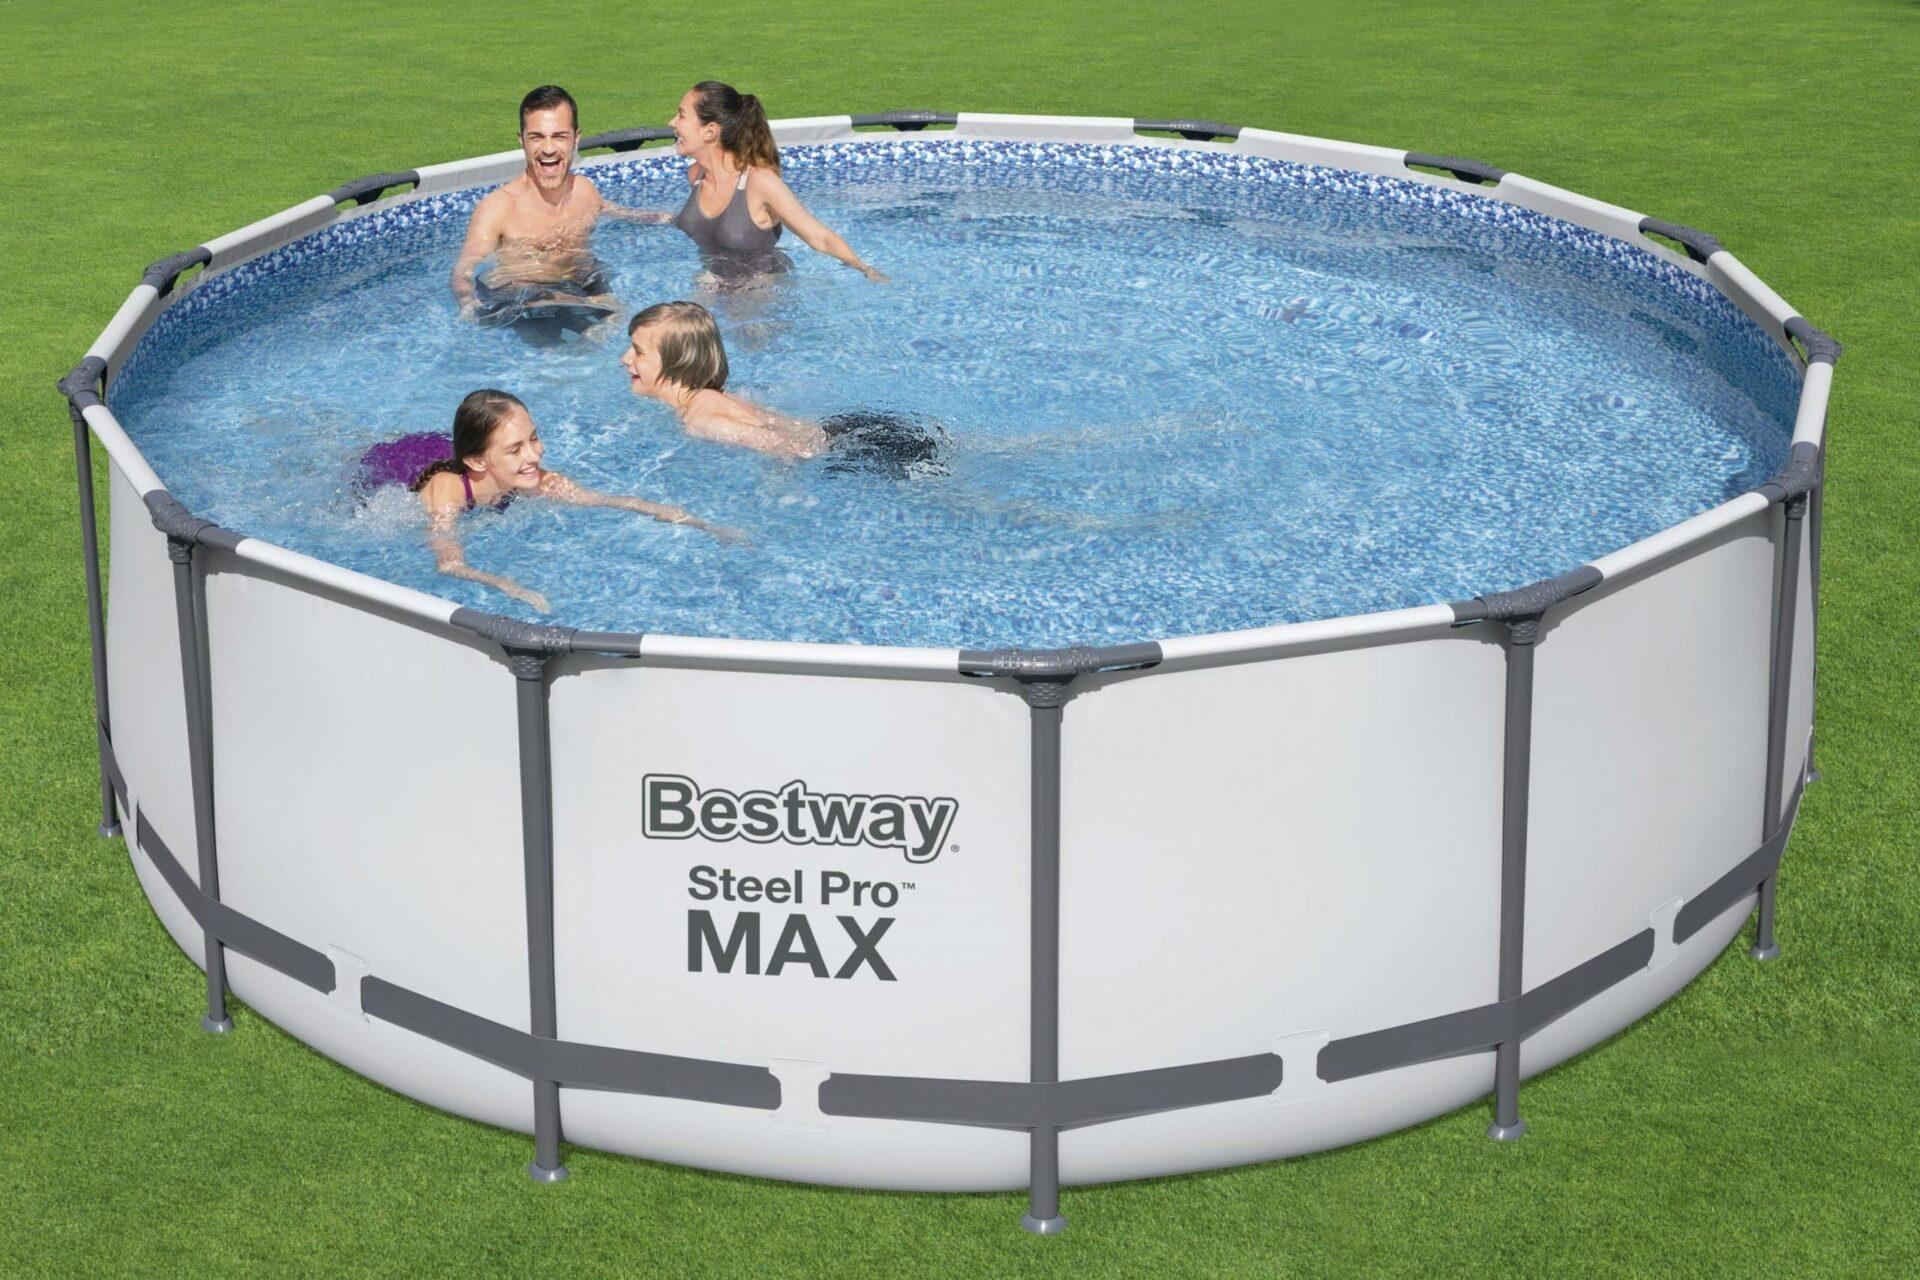 Svømmebasseng Bestway familie venner